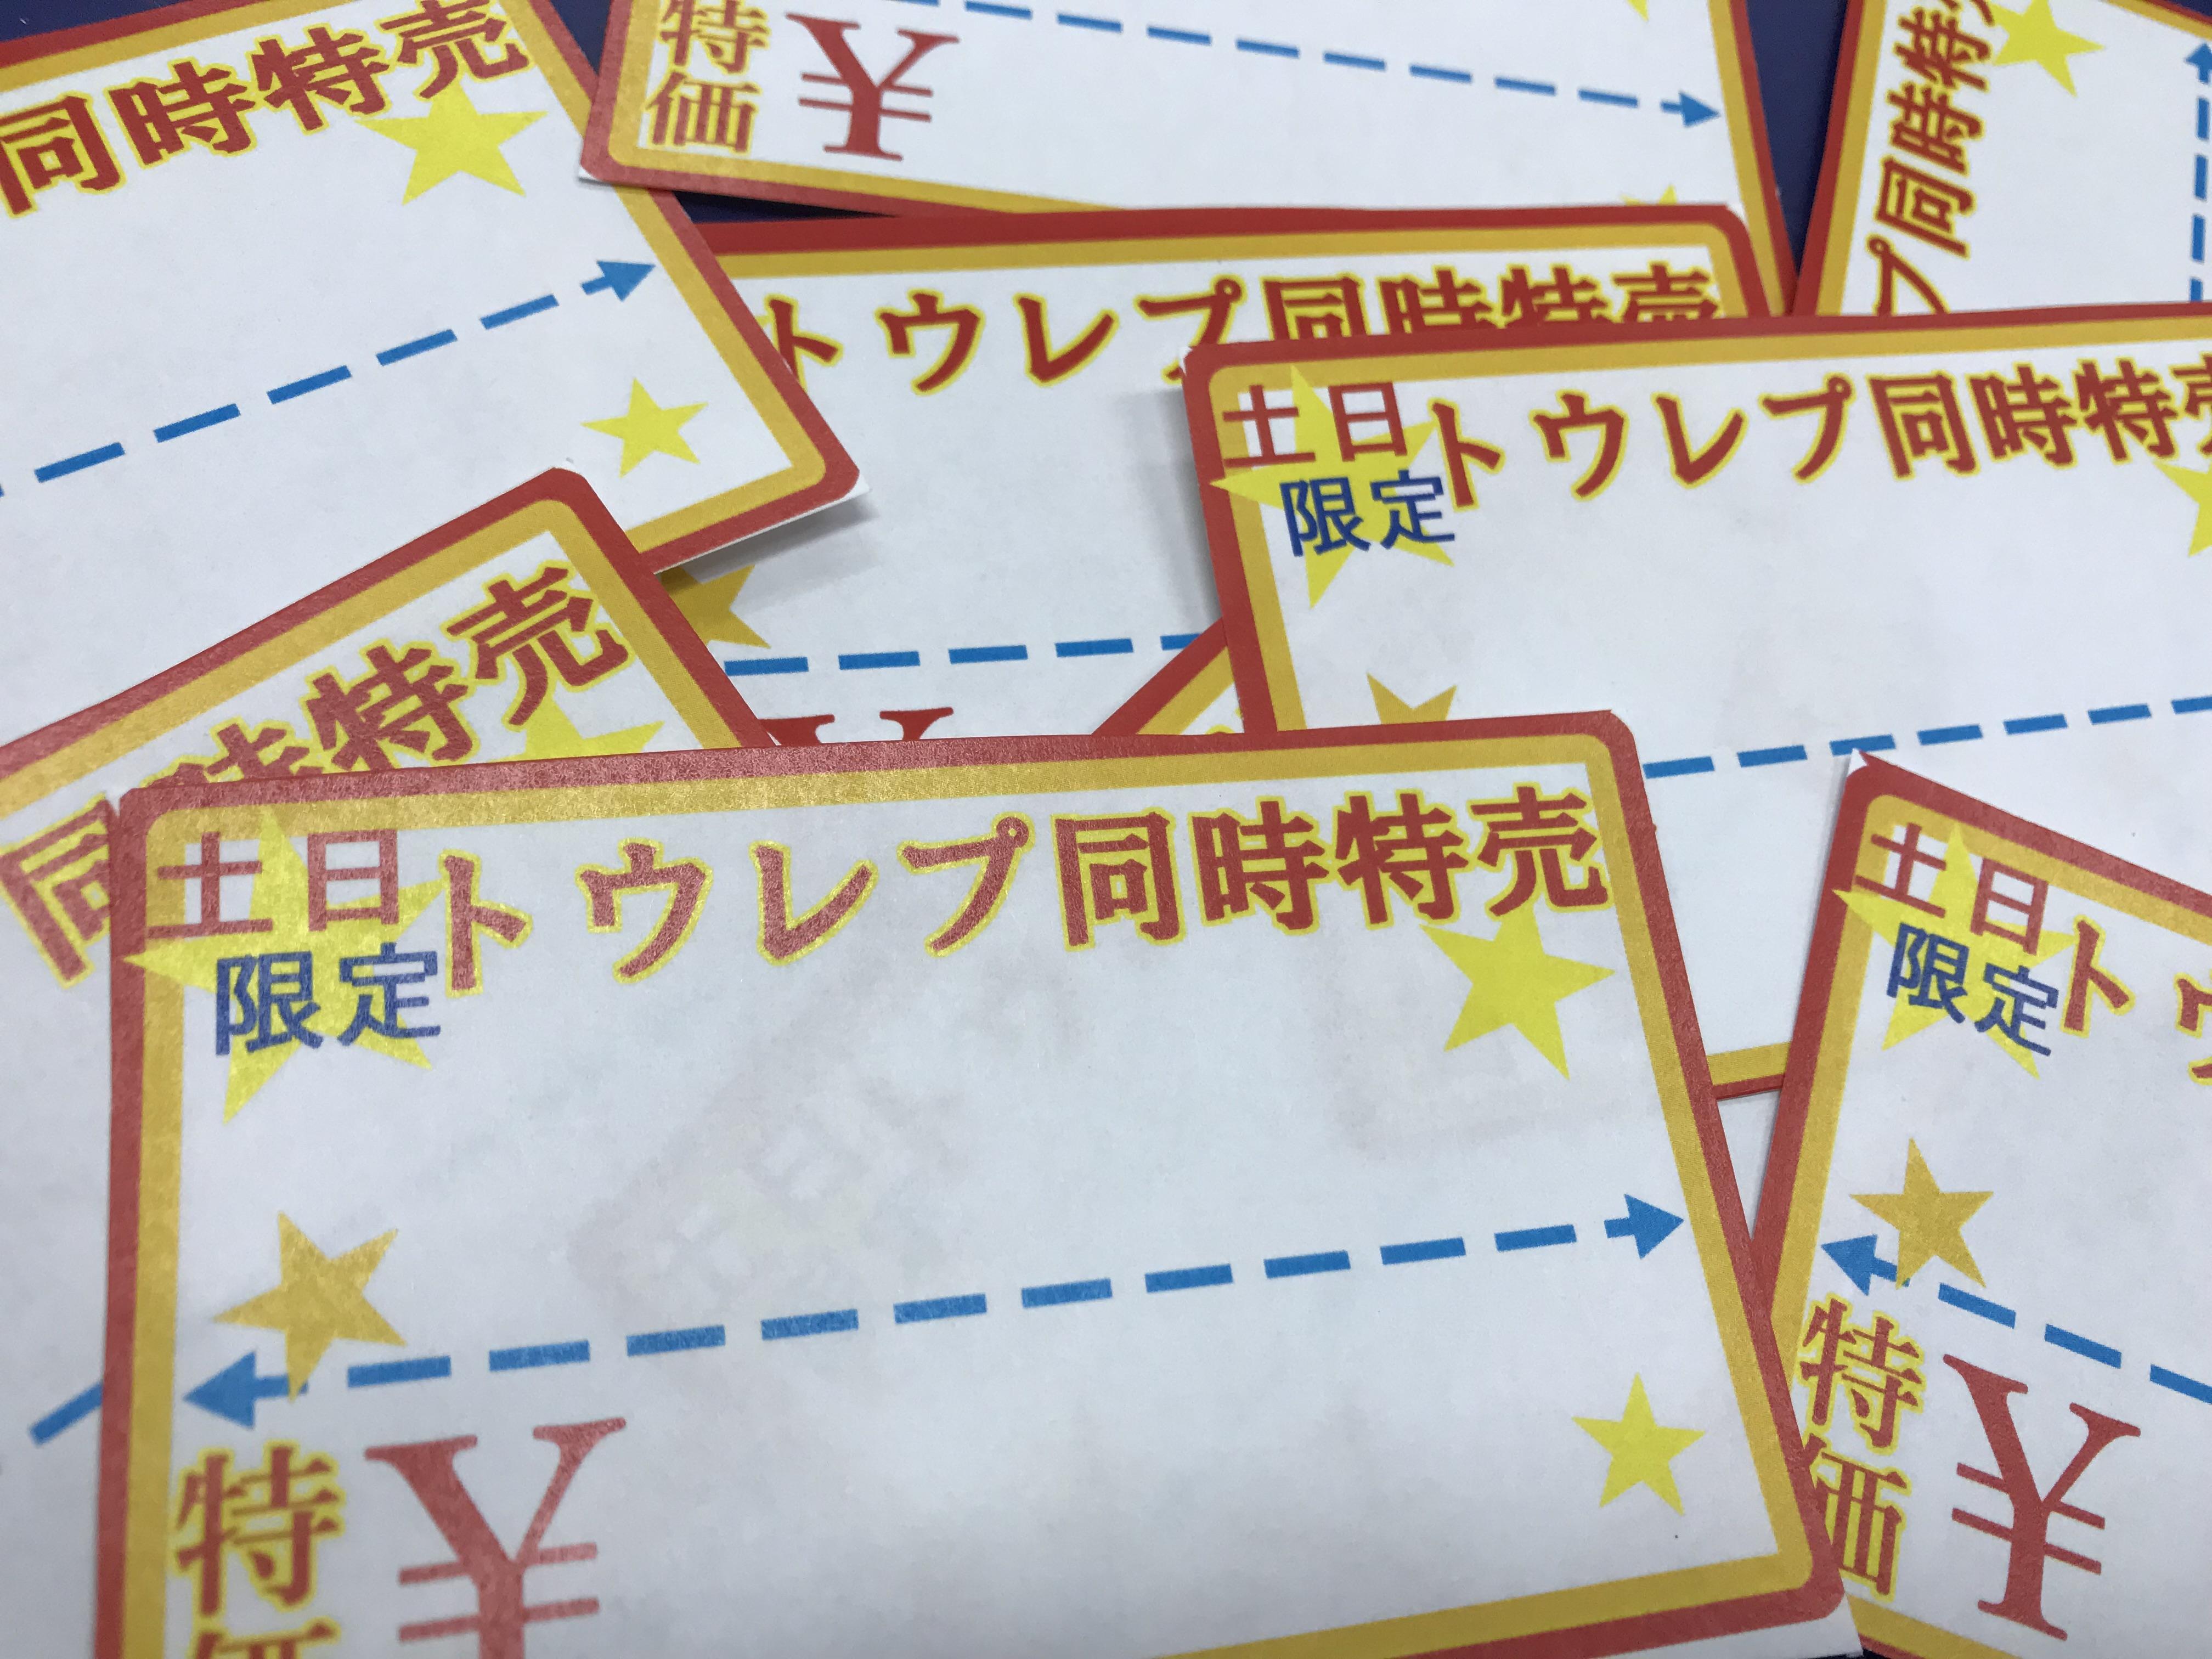 トウレプ同時特売開催!!@みなとペポニ